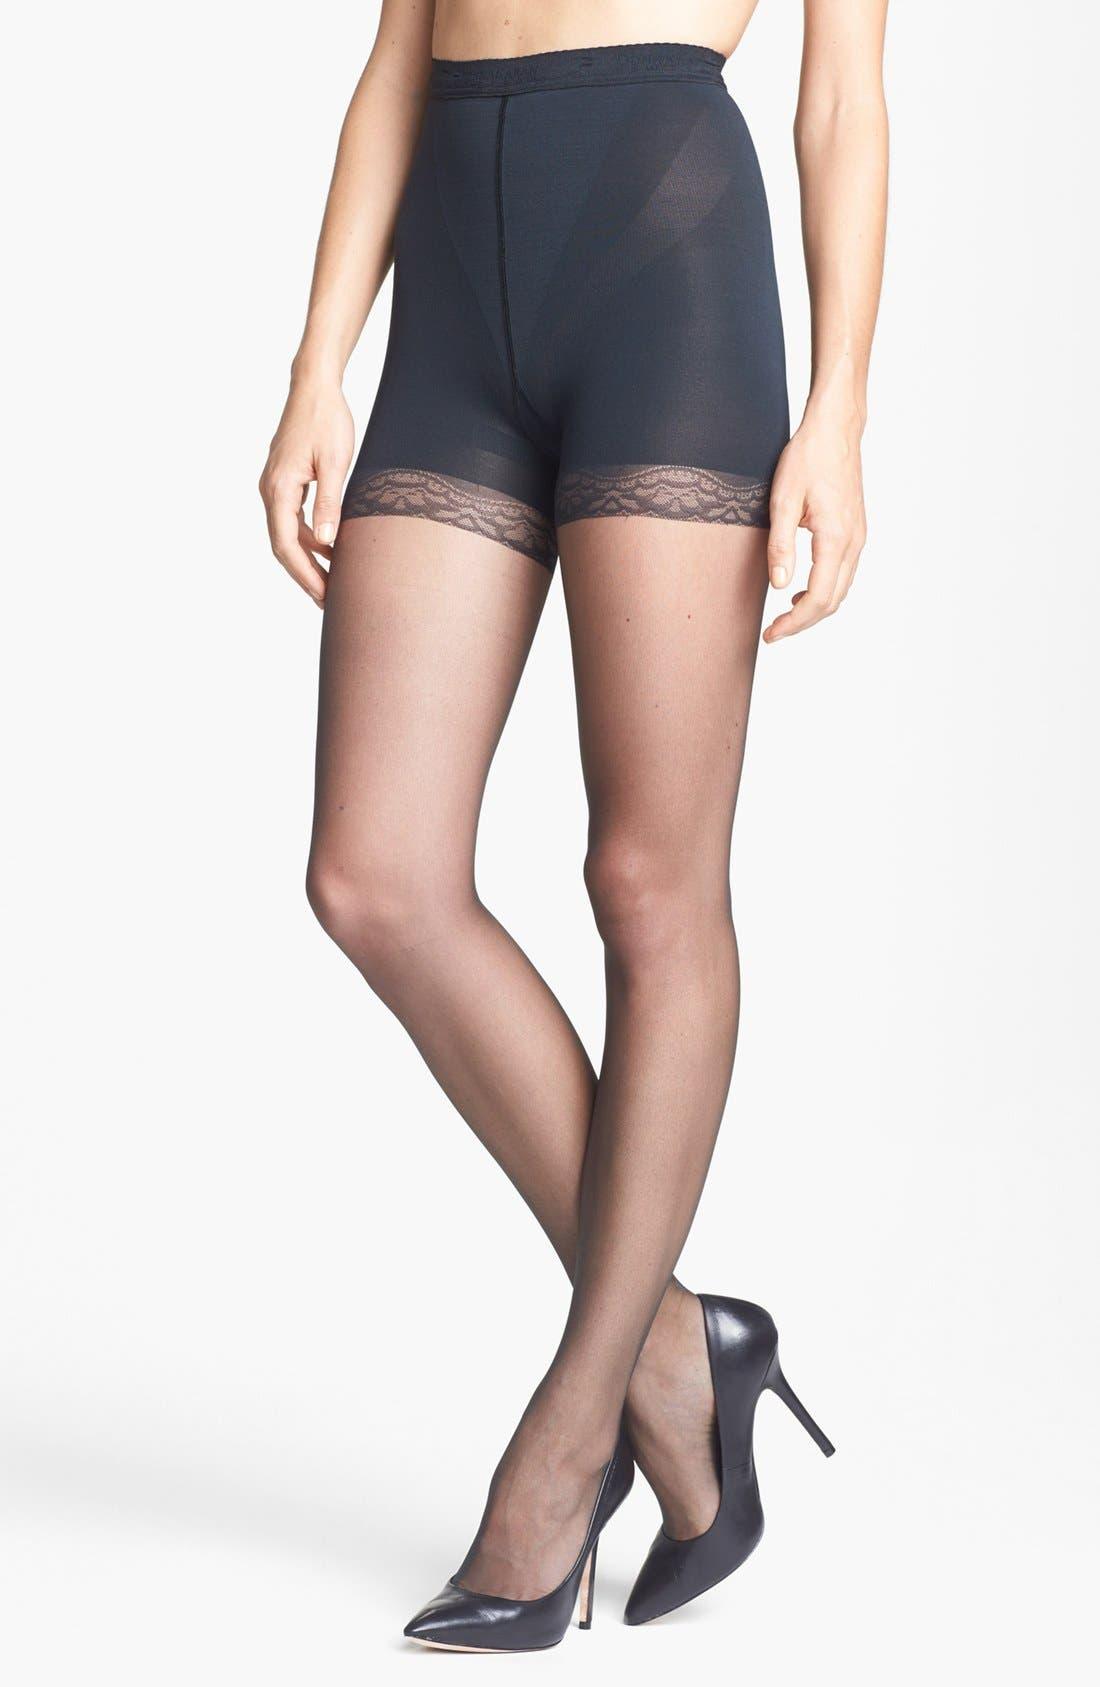 Donna Karan The Nudes Pantyhose,                         Main,                         color, Charcoal